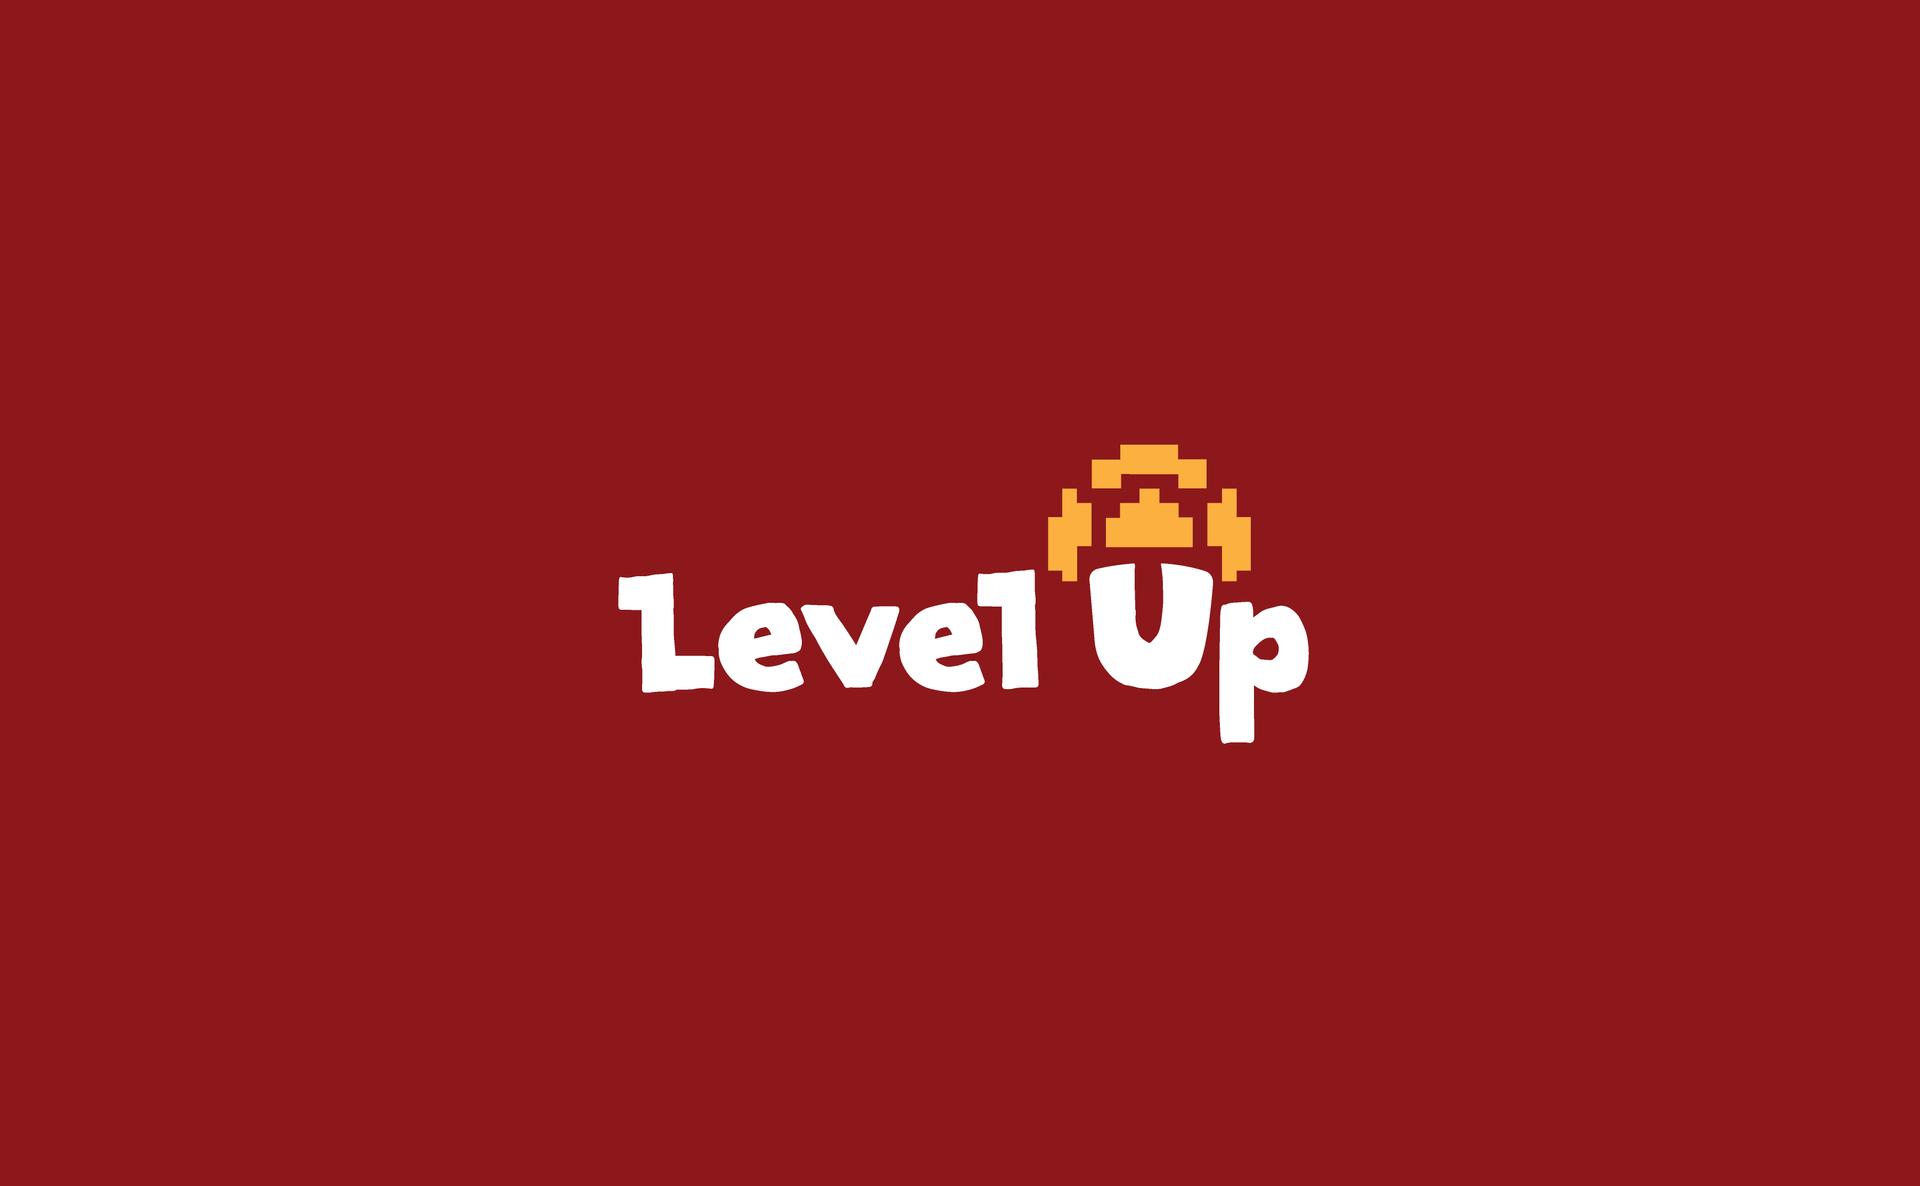 final-logo-for-website.png